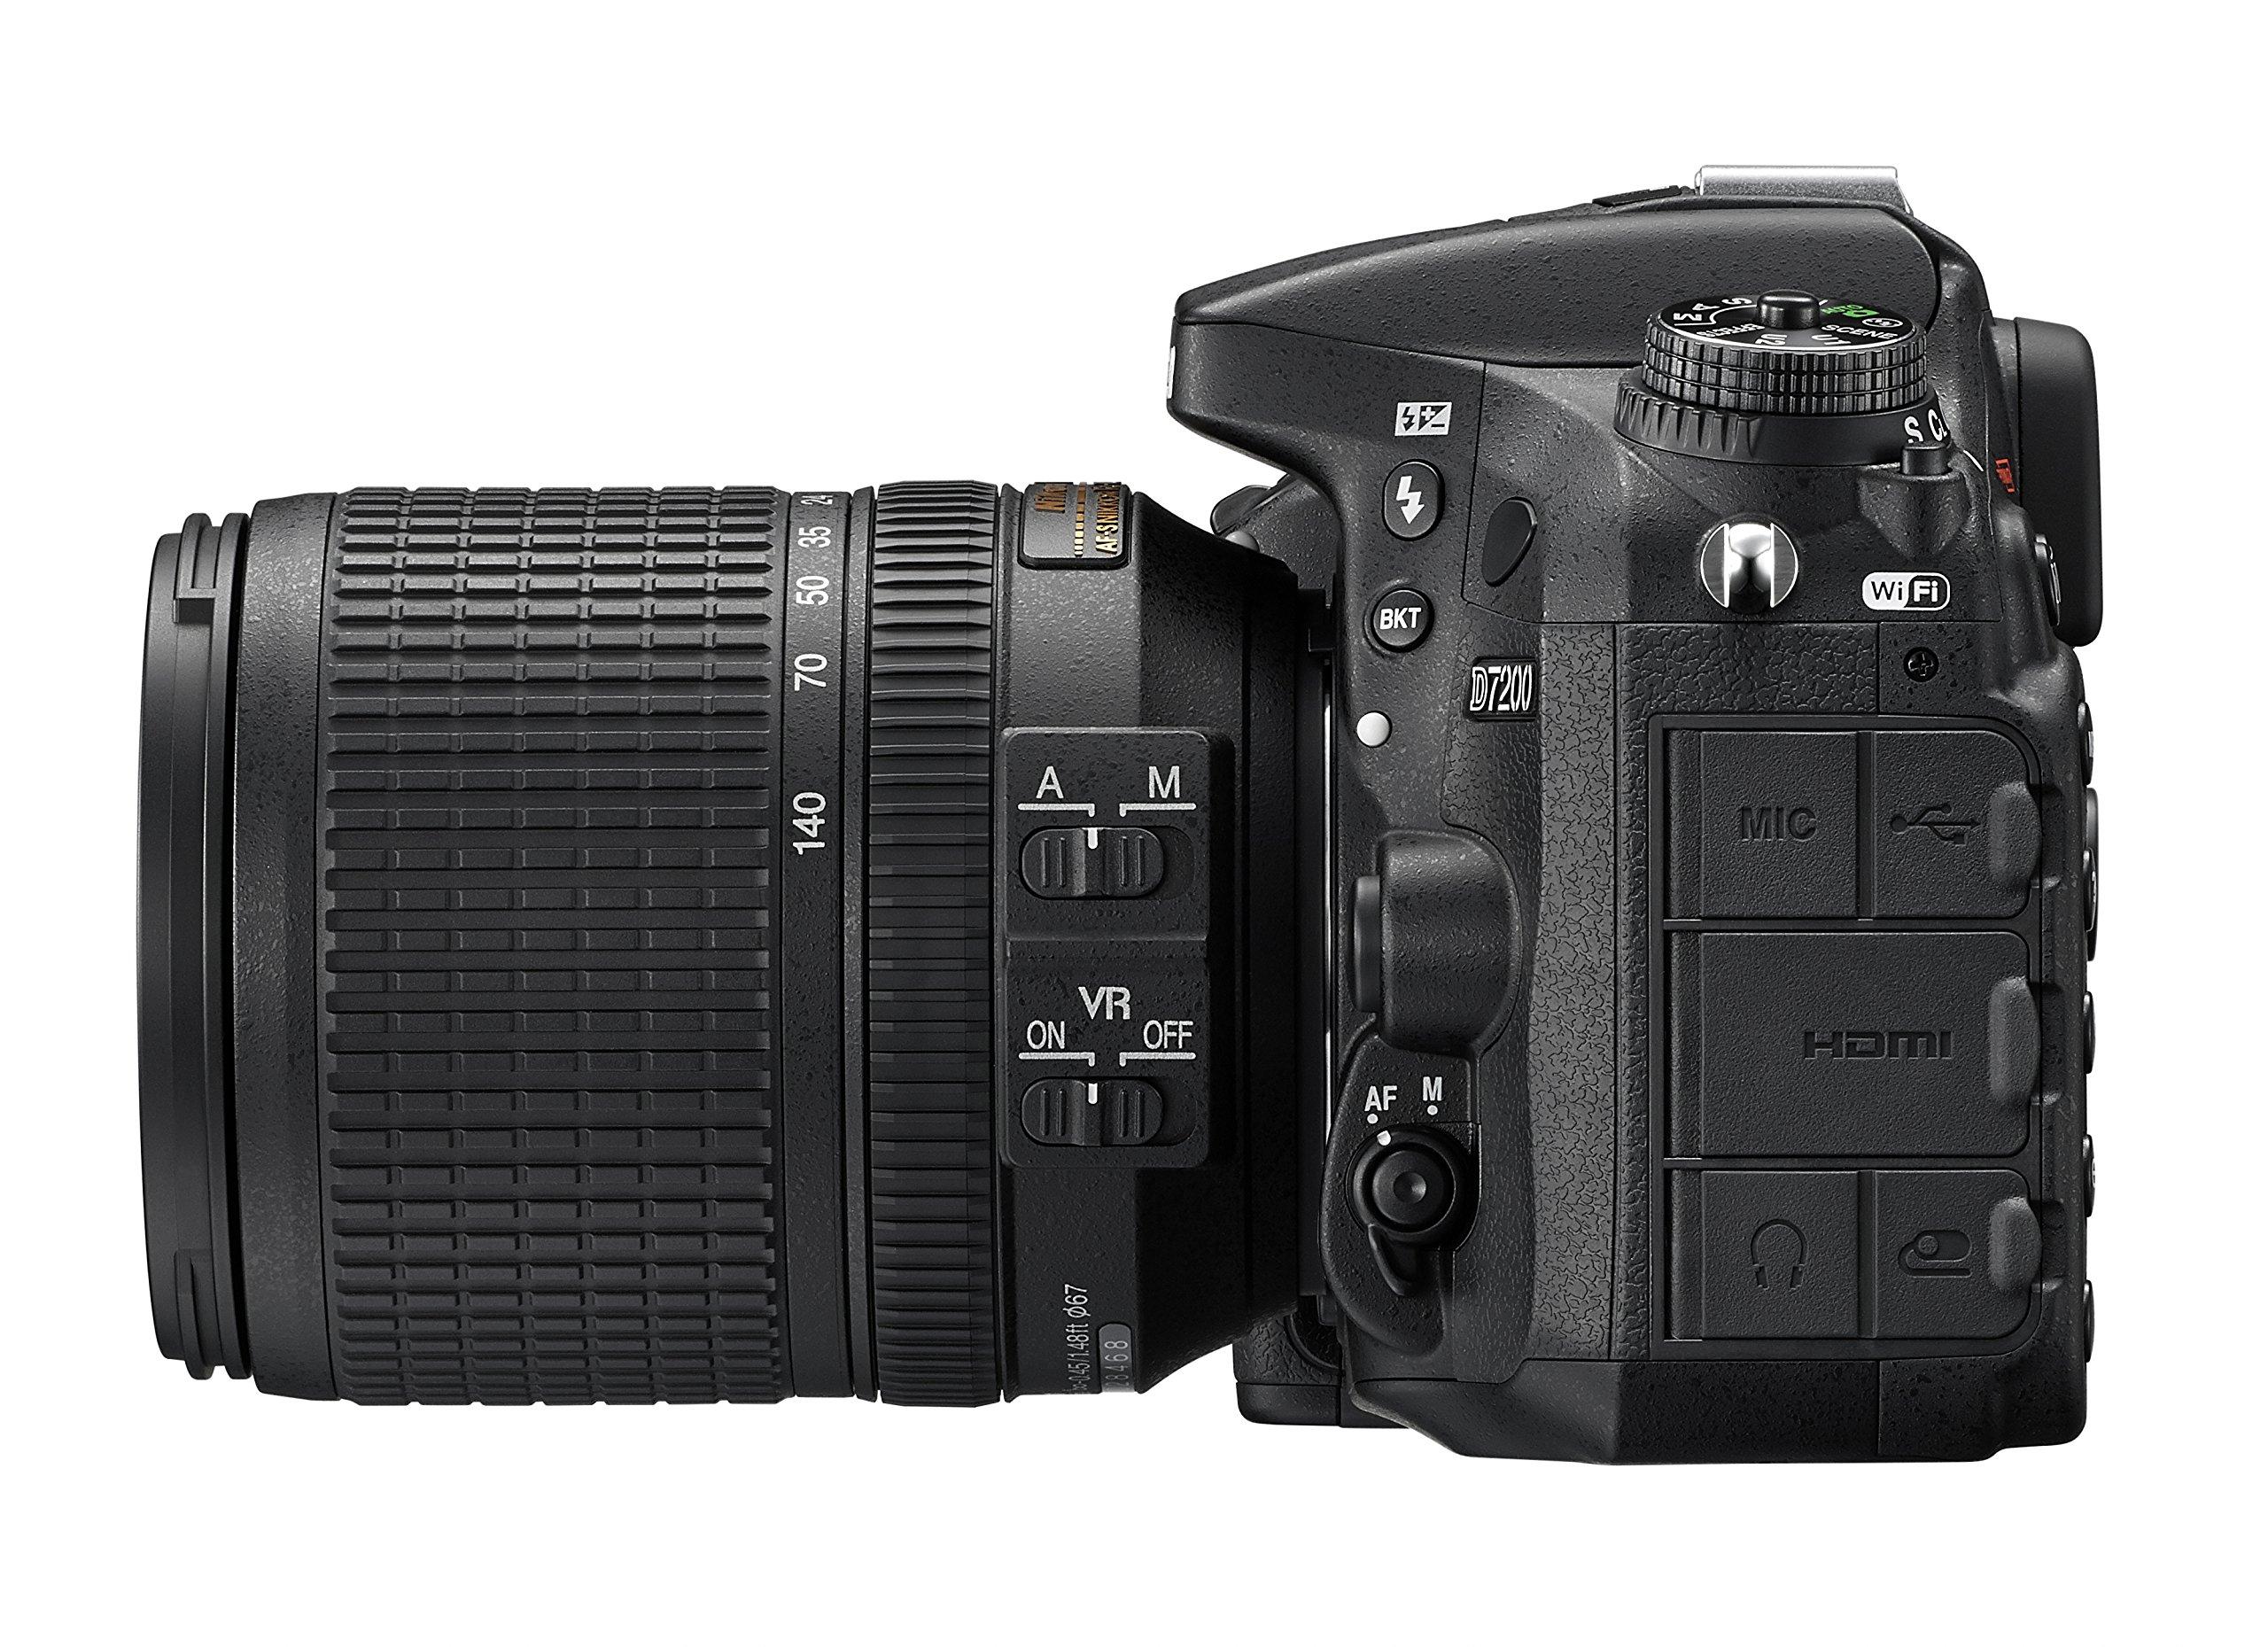 Nikon D7200 DX-format DSLR Body (Black) by Nikon